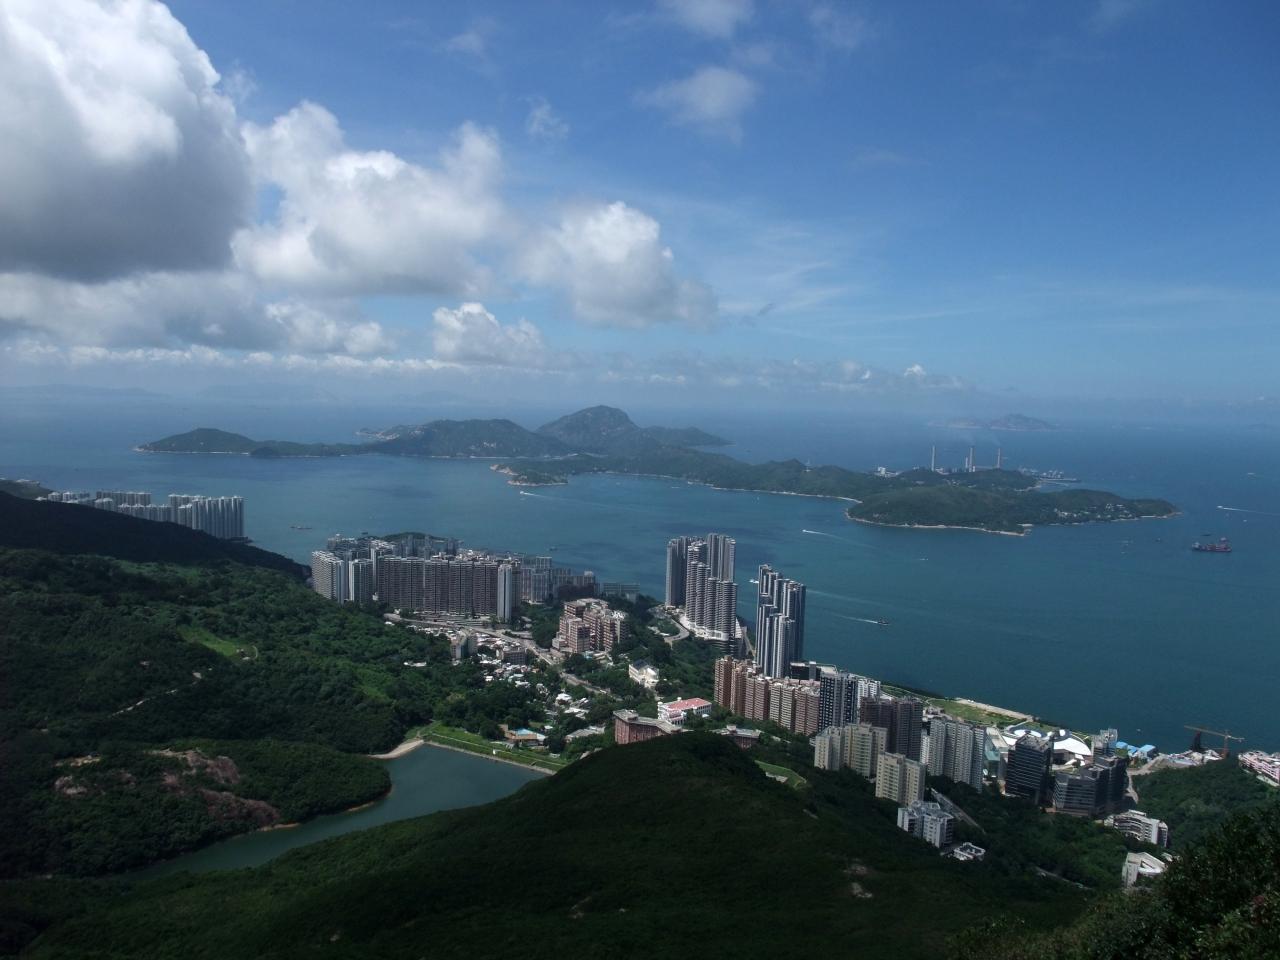 Hong Kong: A day on LammaIsland